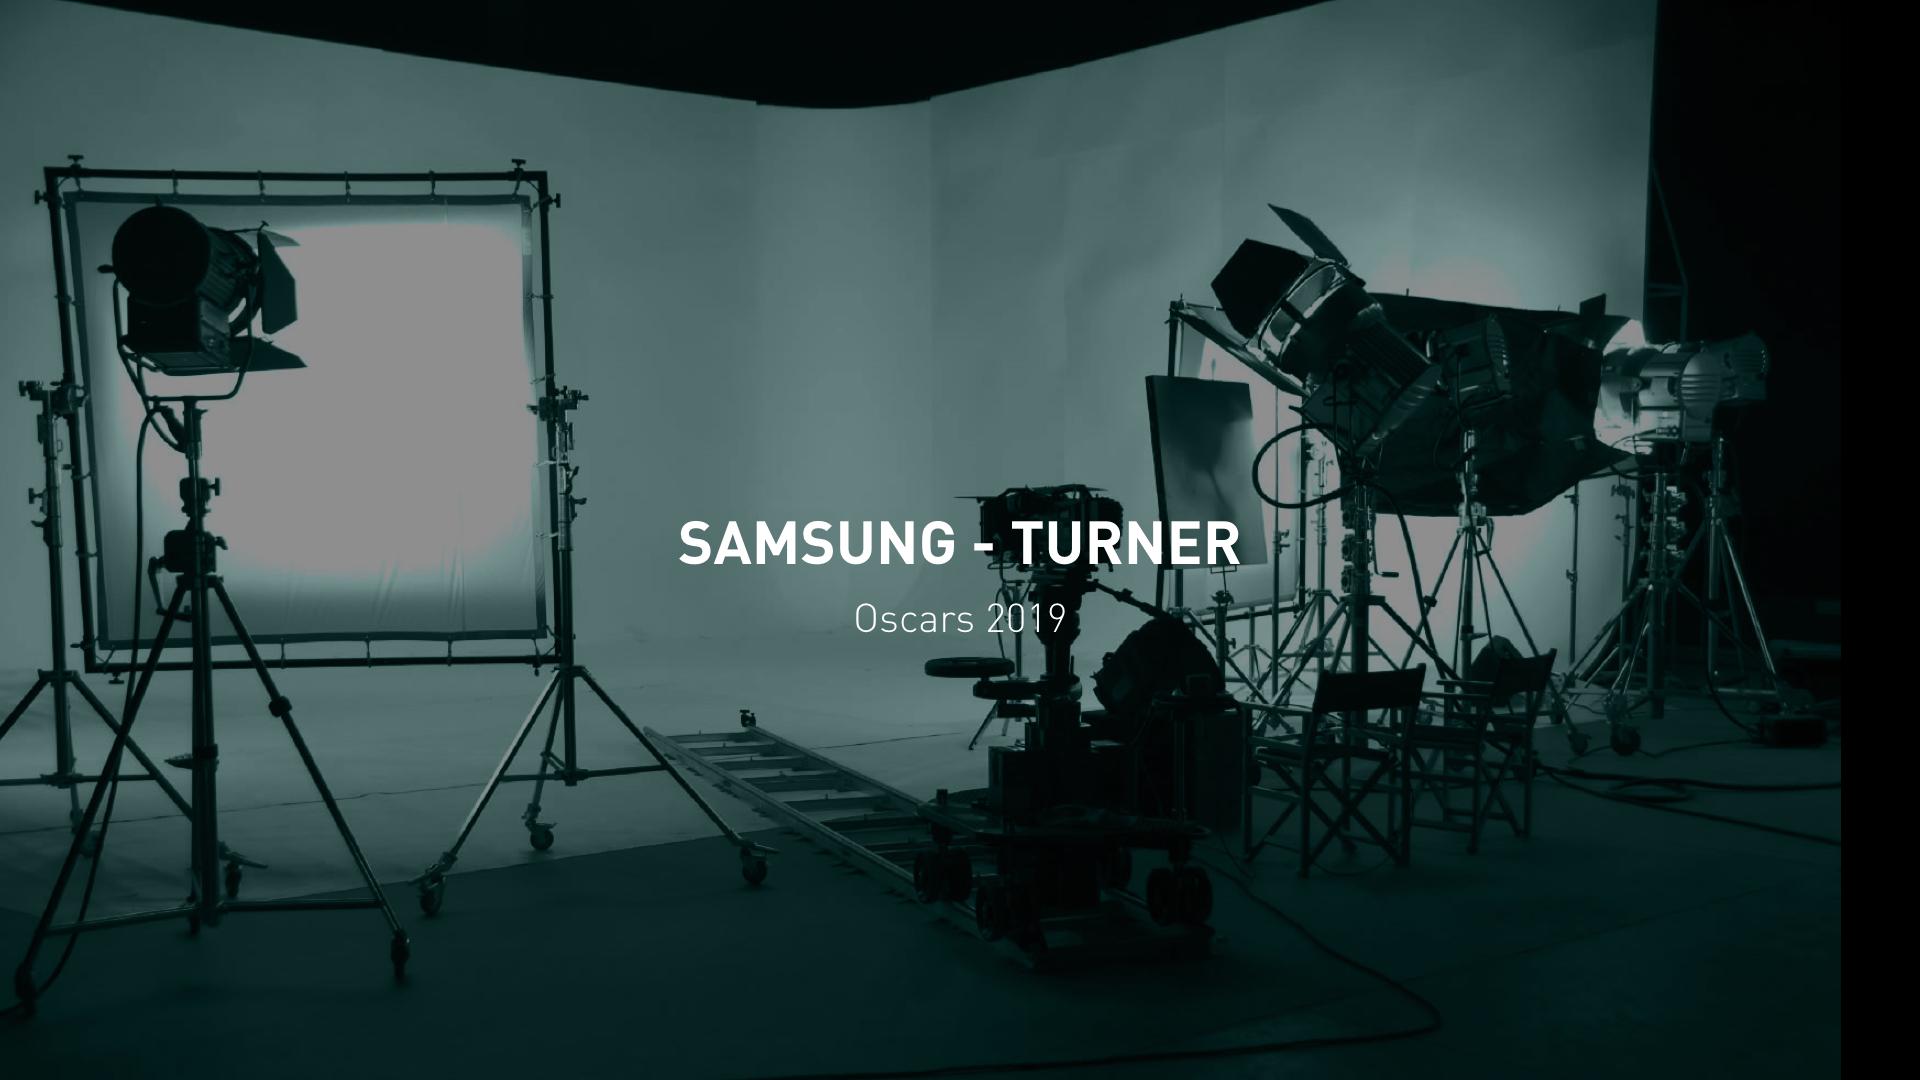 2018_01_17_Samsung_Gaby salva el rodaje con su Note9.002.jpeg